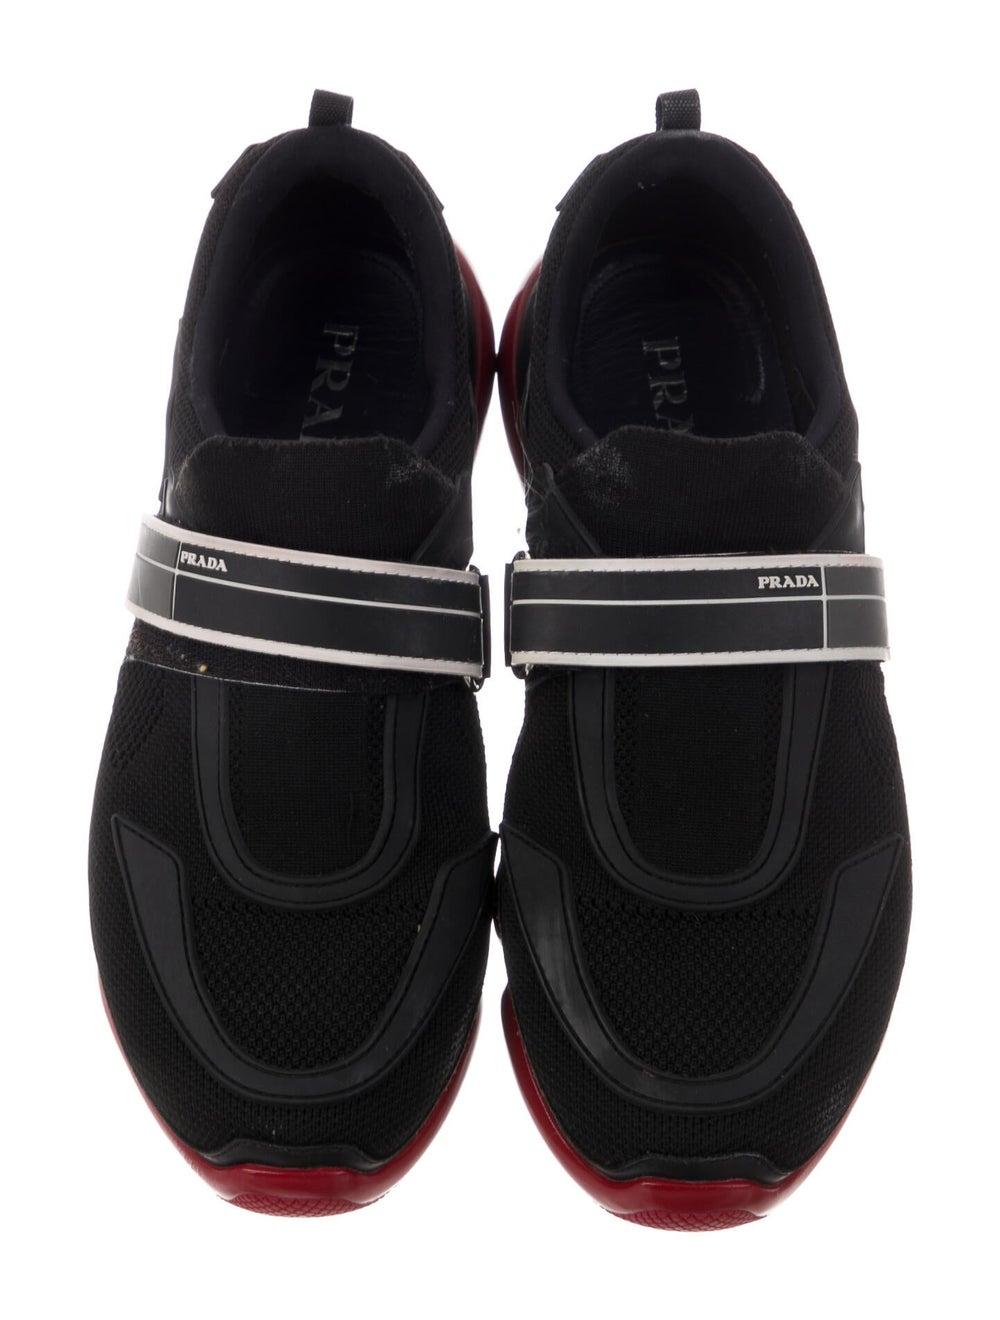 Prada Sneakers Black - image 3